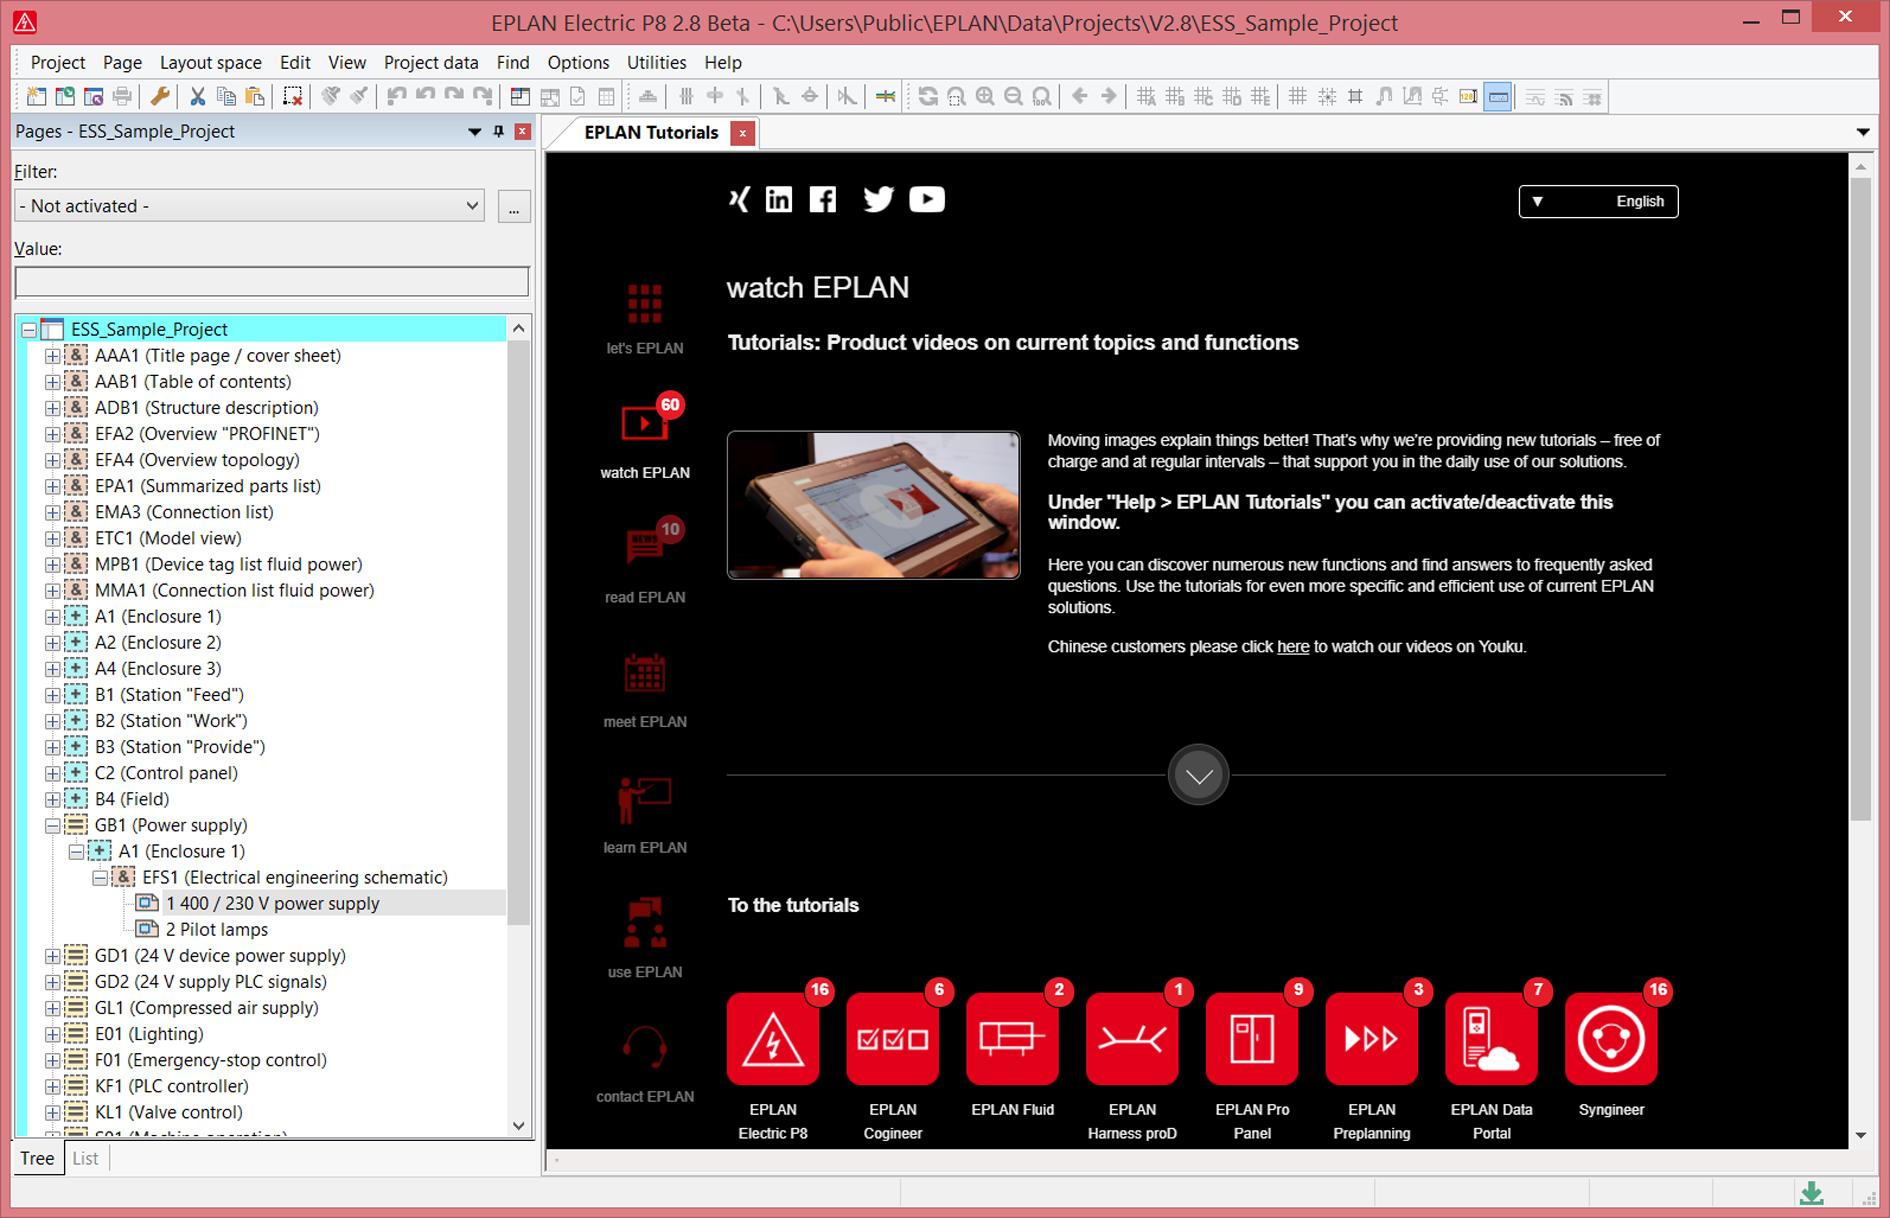 Teraz w zintegrowanym portalu można znaleźć wiadomości i innowacje dotyczące portfolio produktów EPLAN, samouczki, szczegółowe informacje na temat szkoleń i wiele więcej.